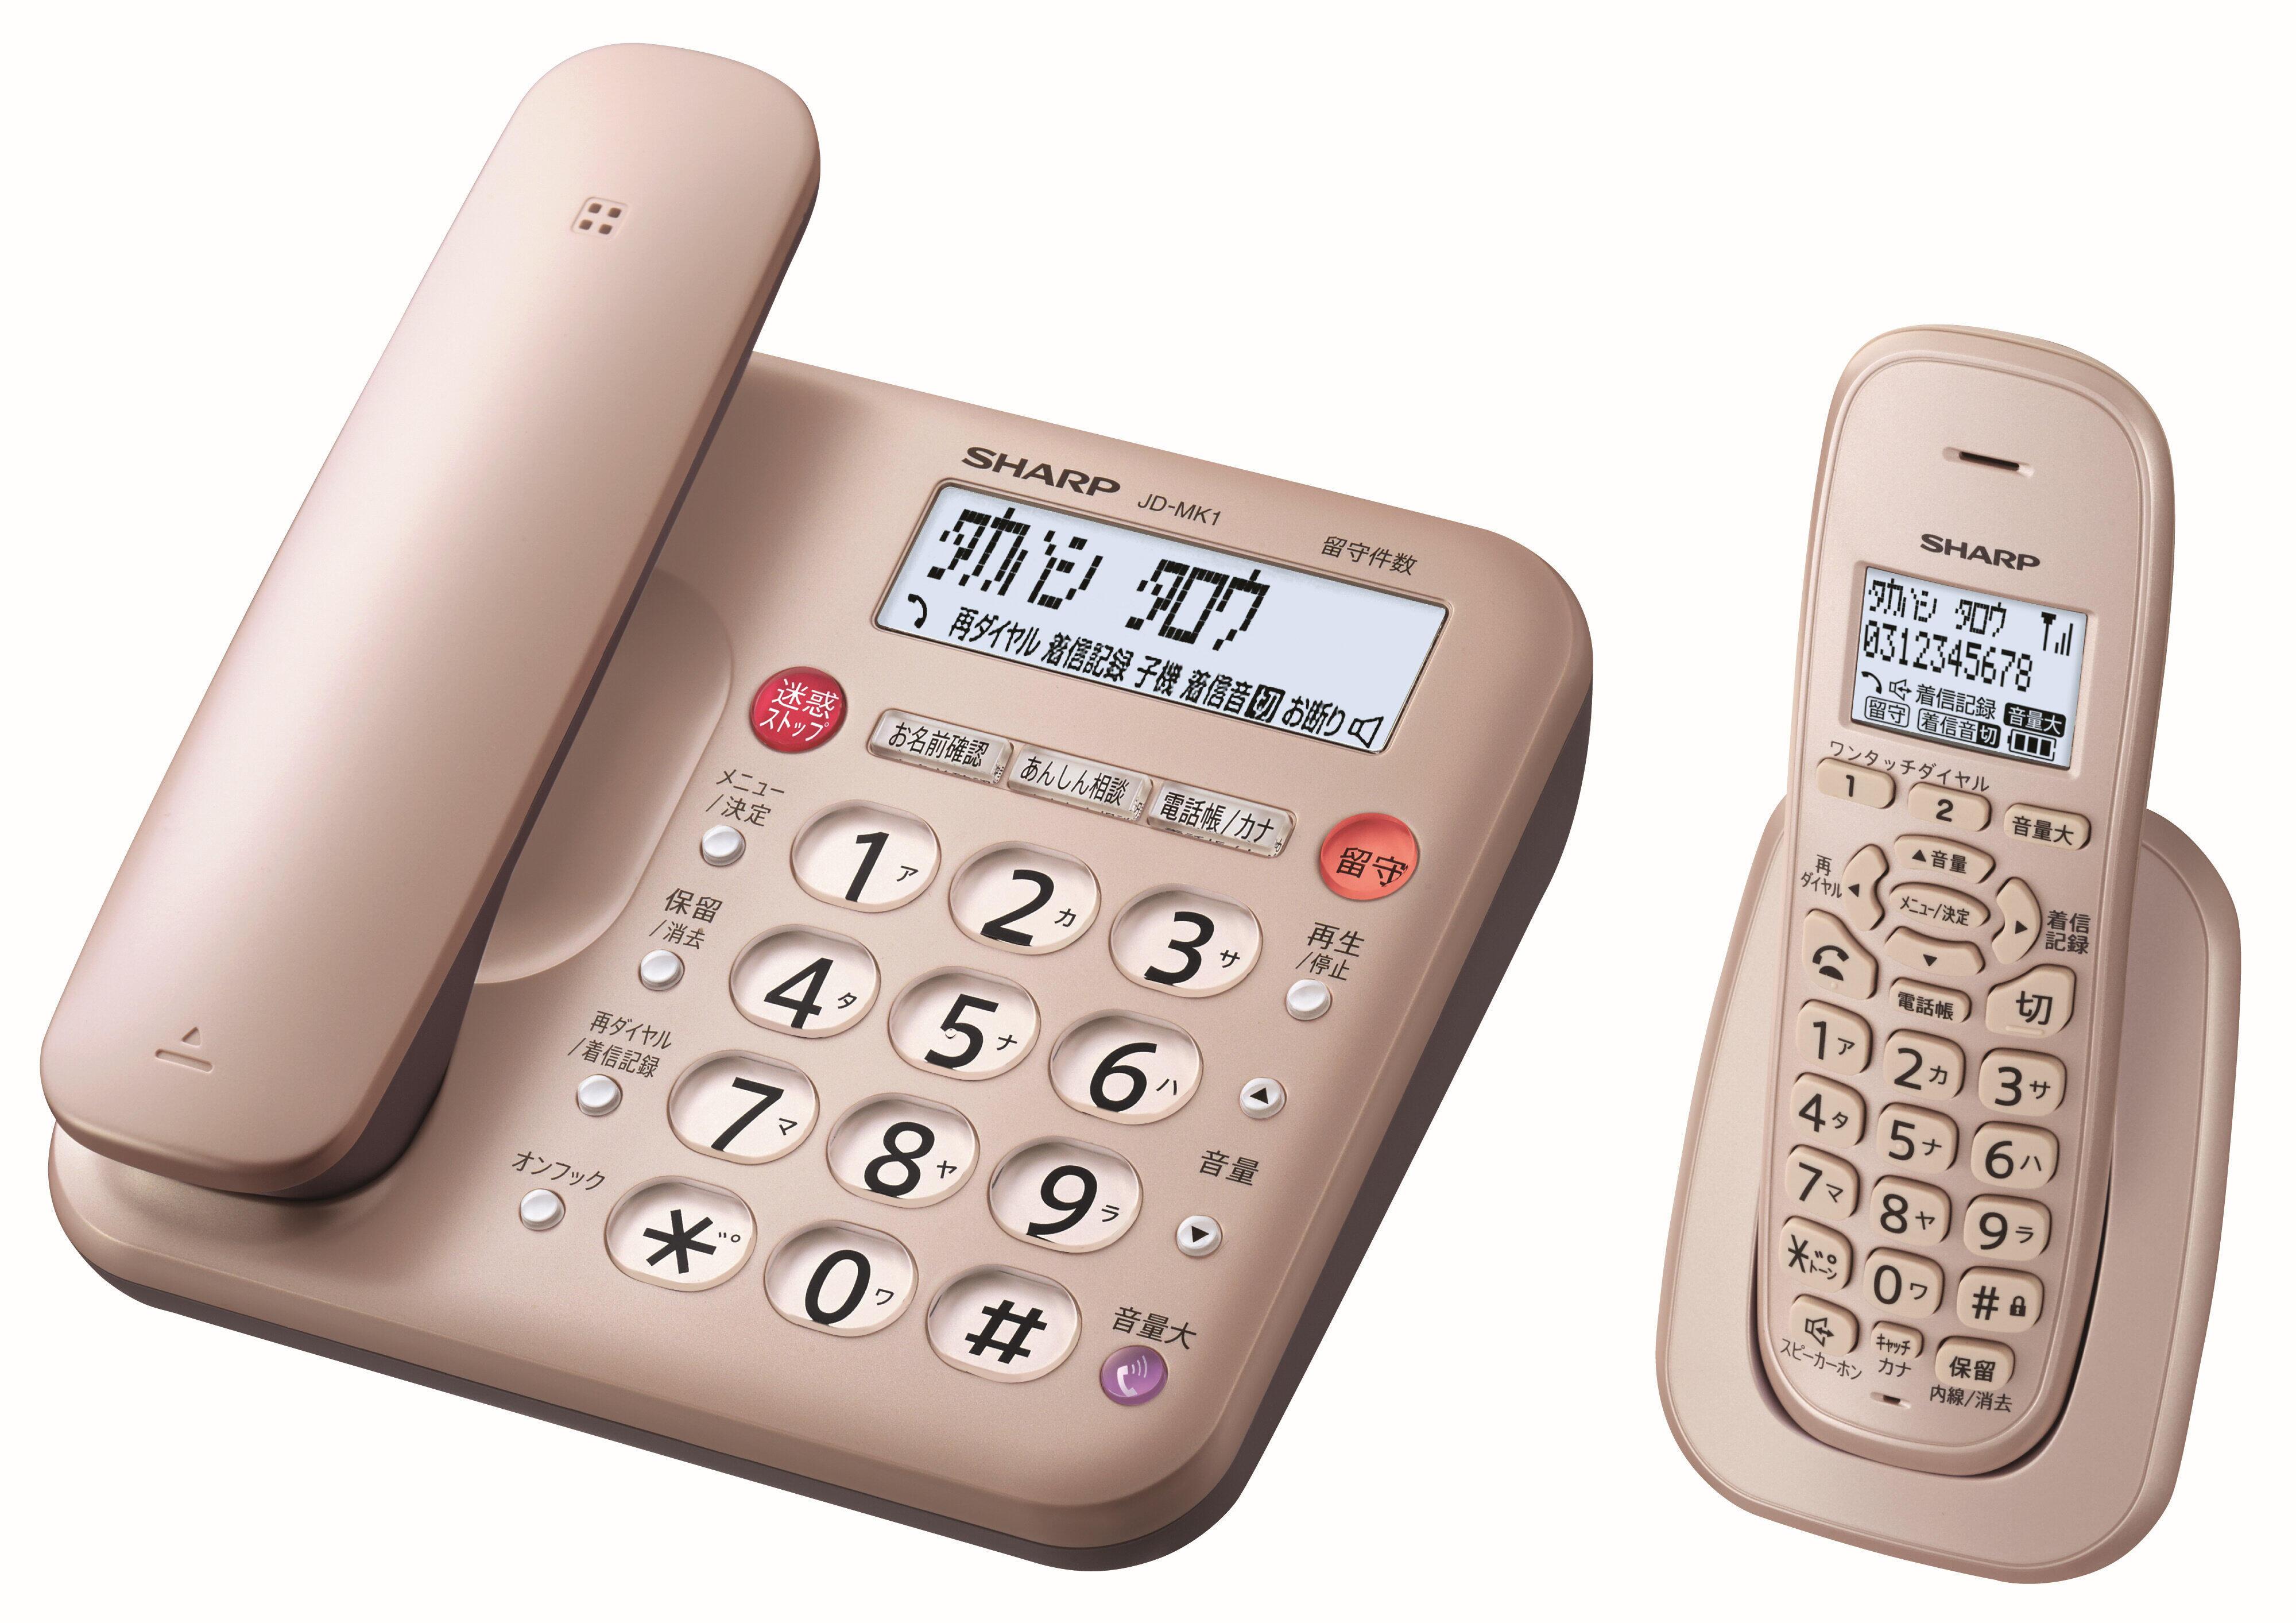 業界最軽量95グラムのコードレス受話器 シャープの電話機